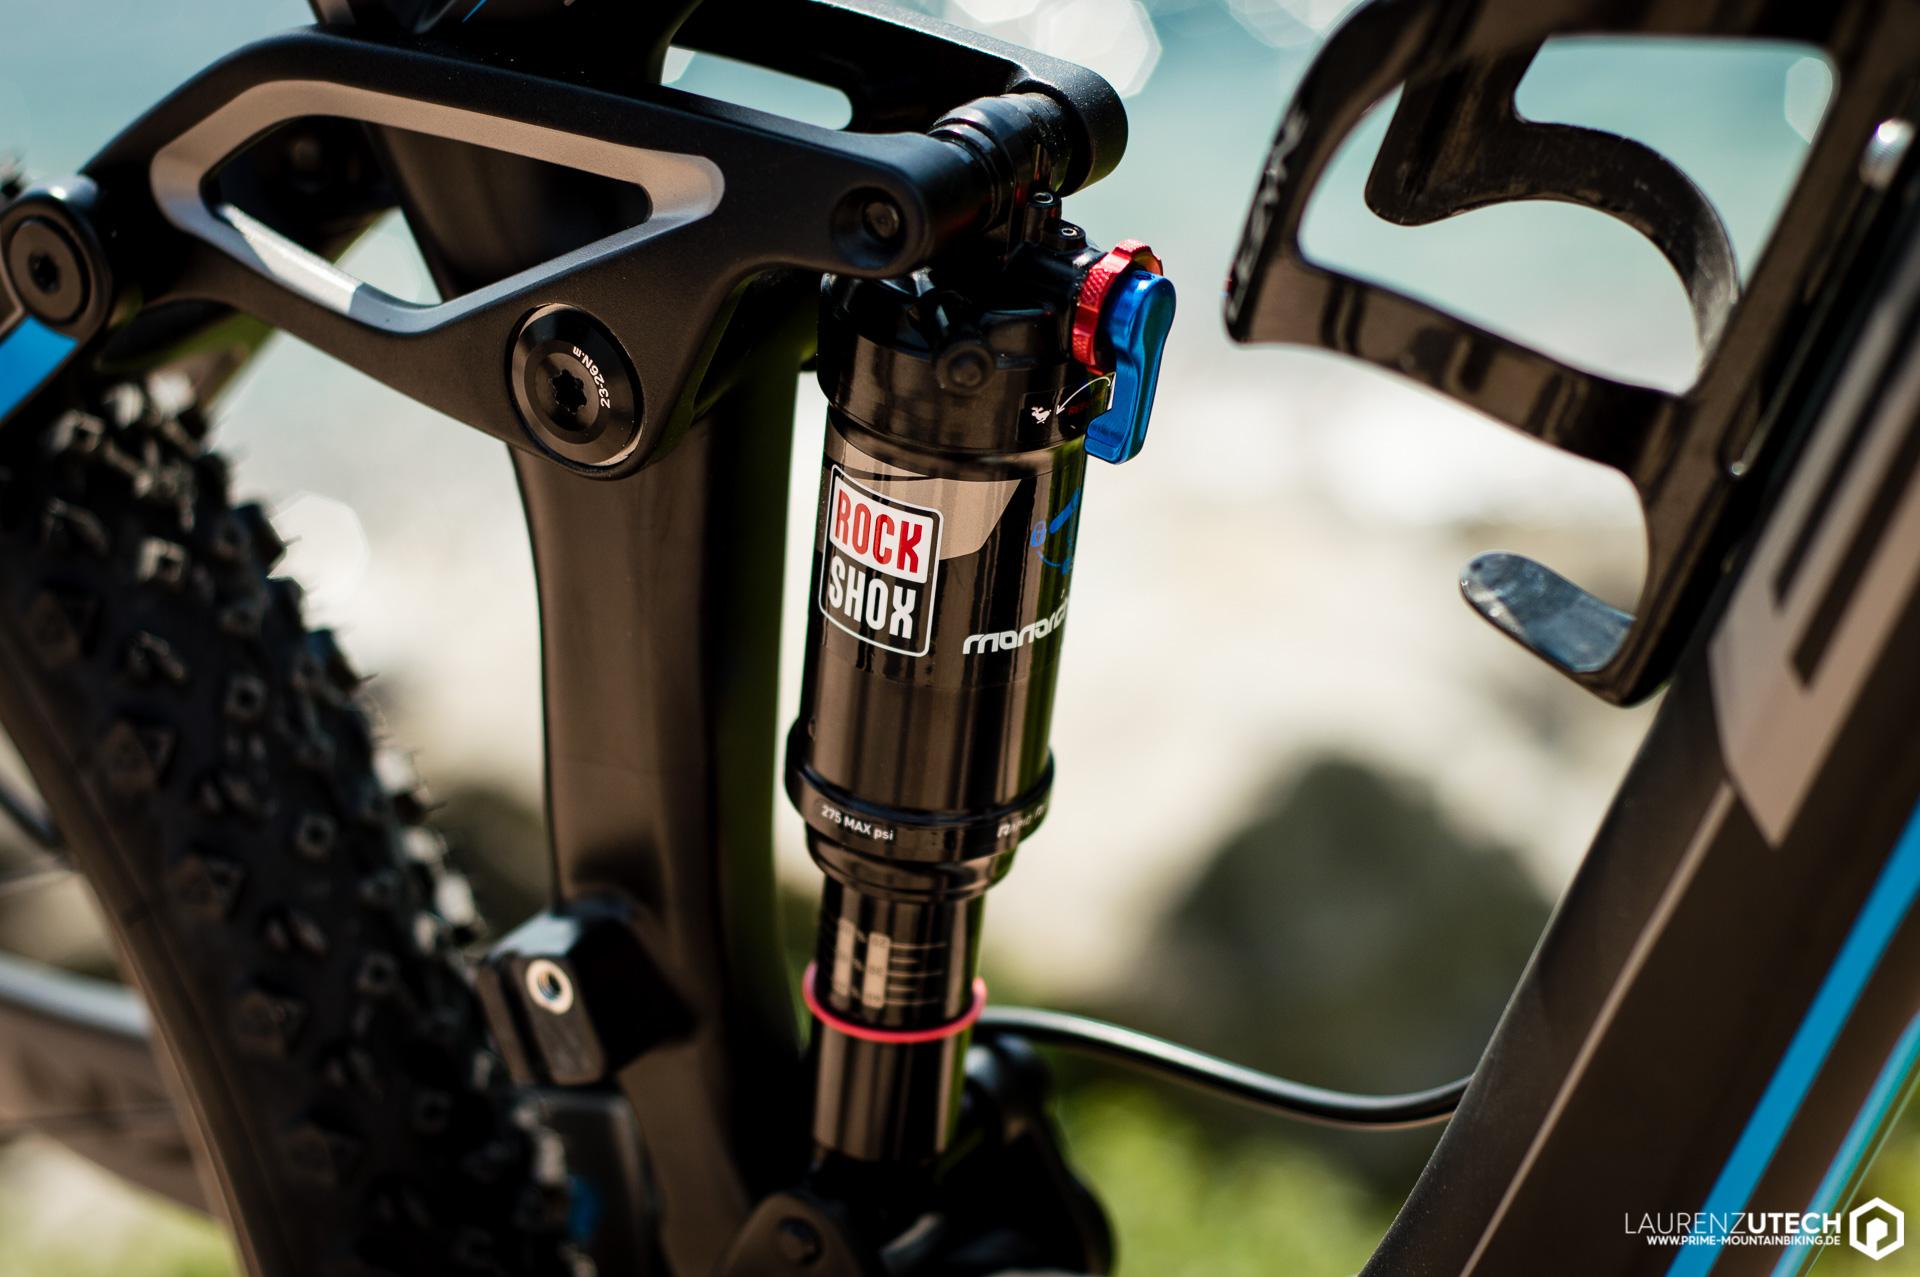 Gefedert wird der Carbon-Rahmen mit 150mm Federweg von einem RS Monarch RT Dämpfer.